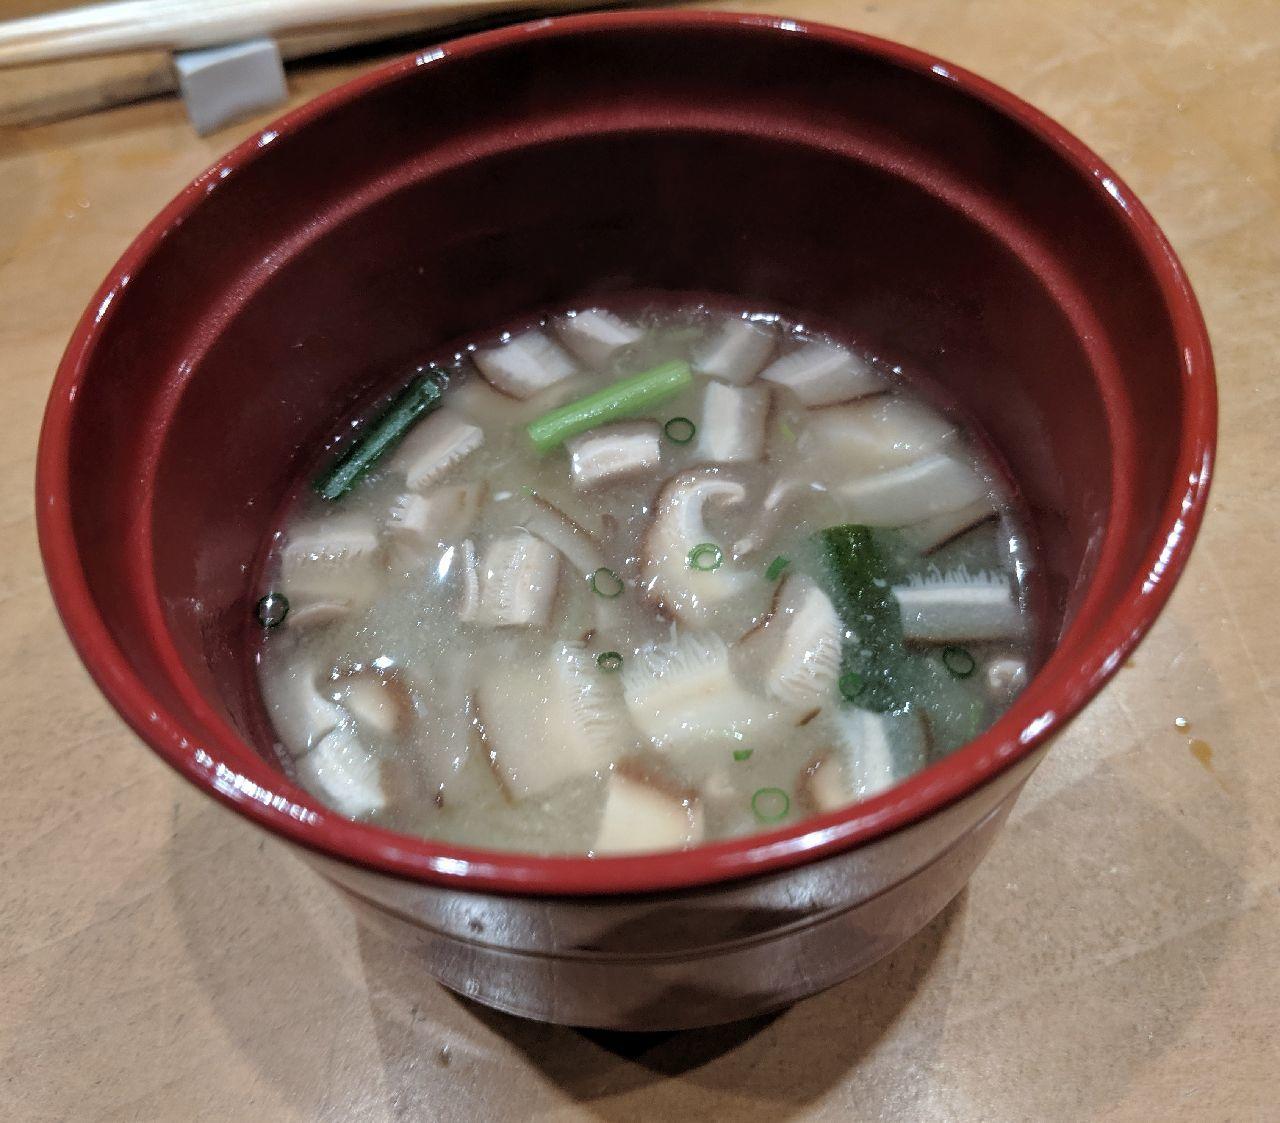 MVIMG_20191101_200113味噌汁